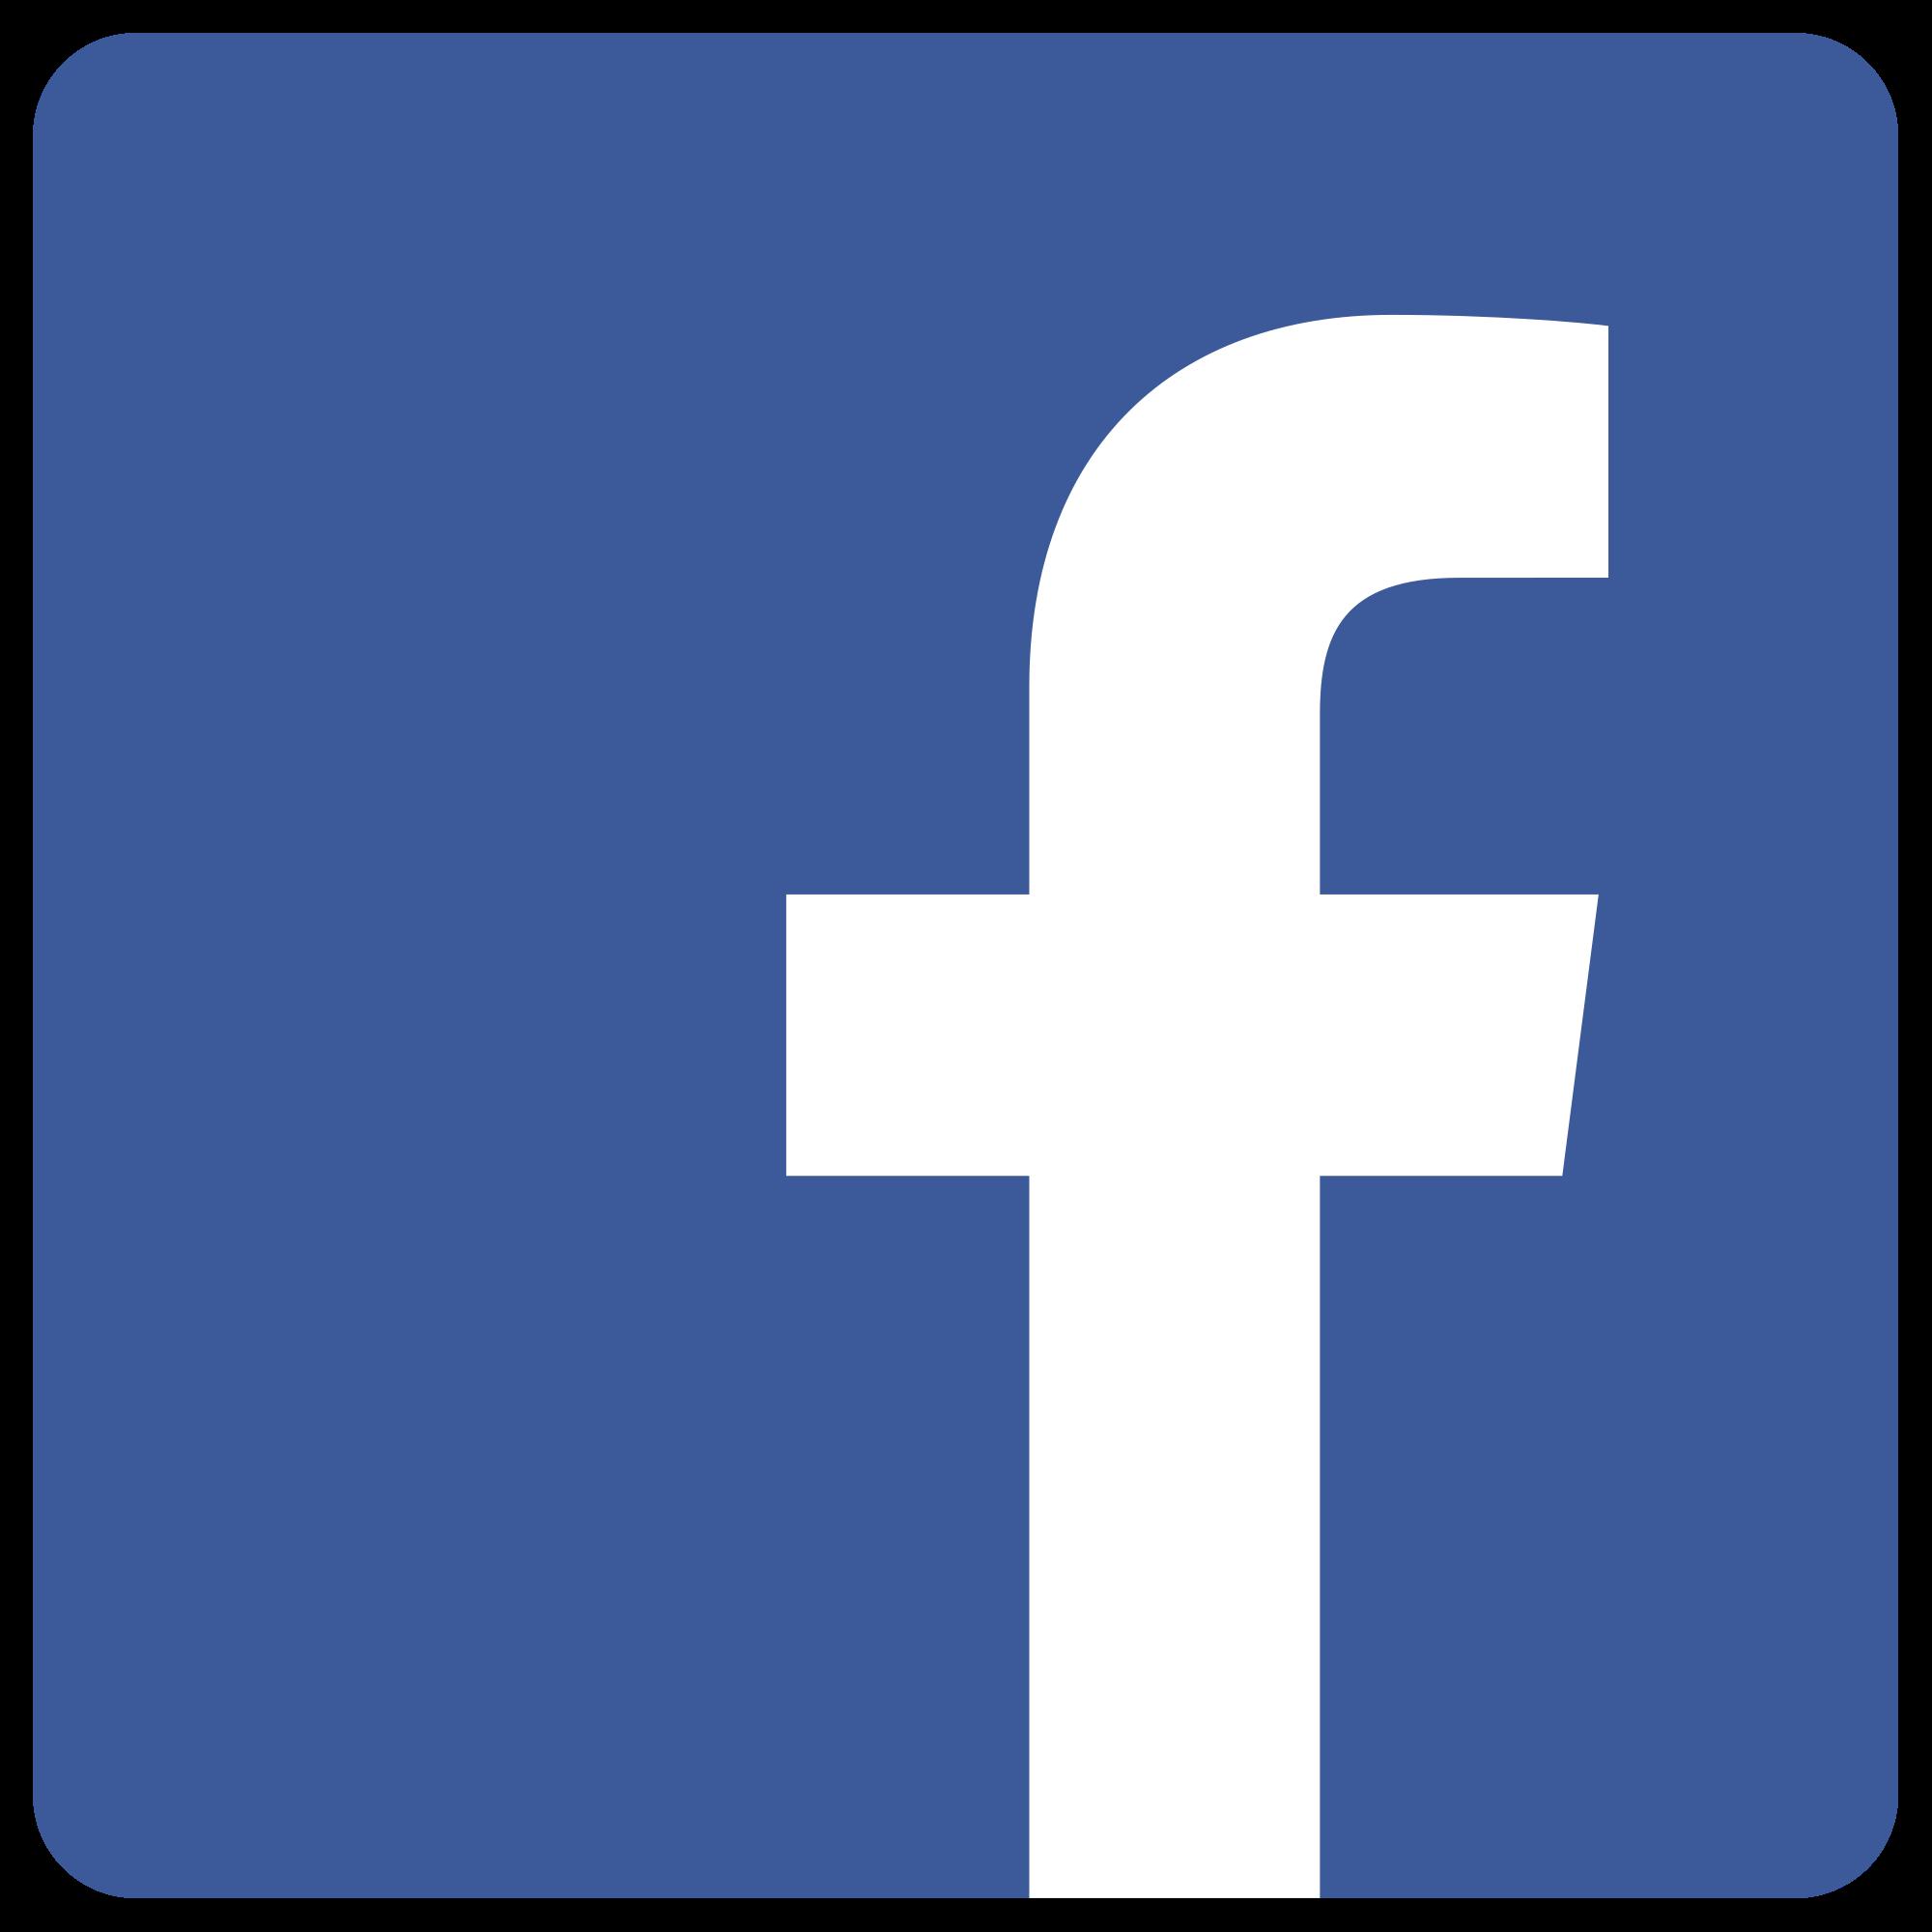 facebook_icono